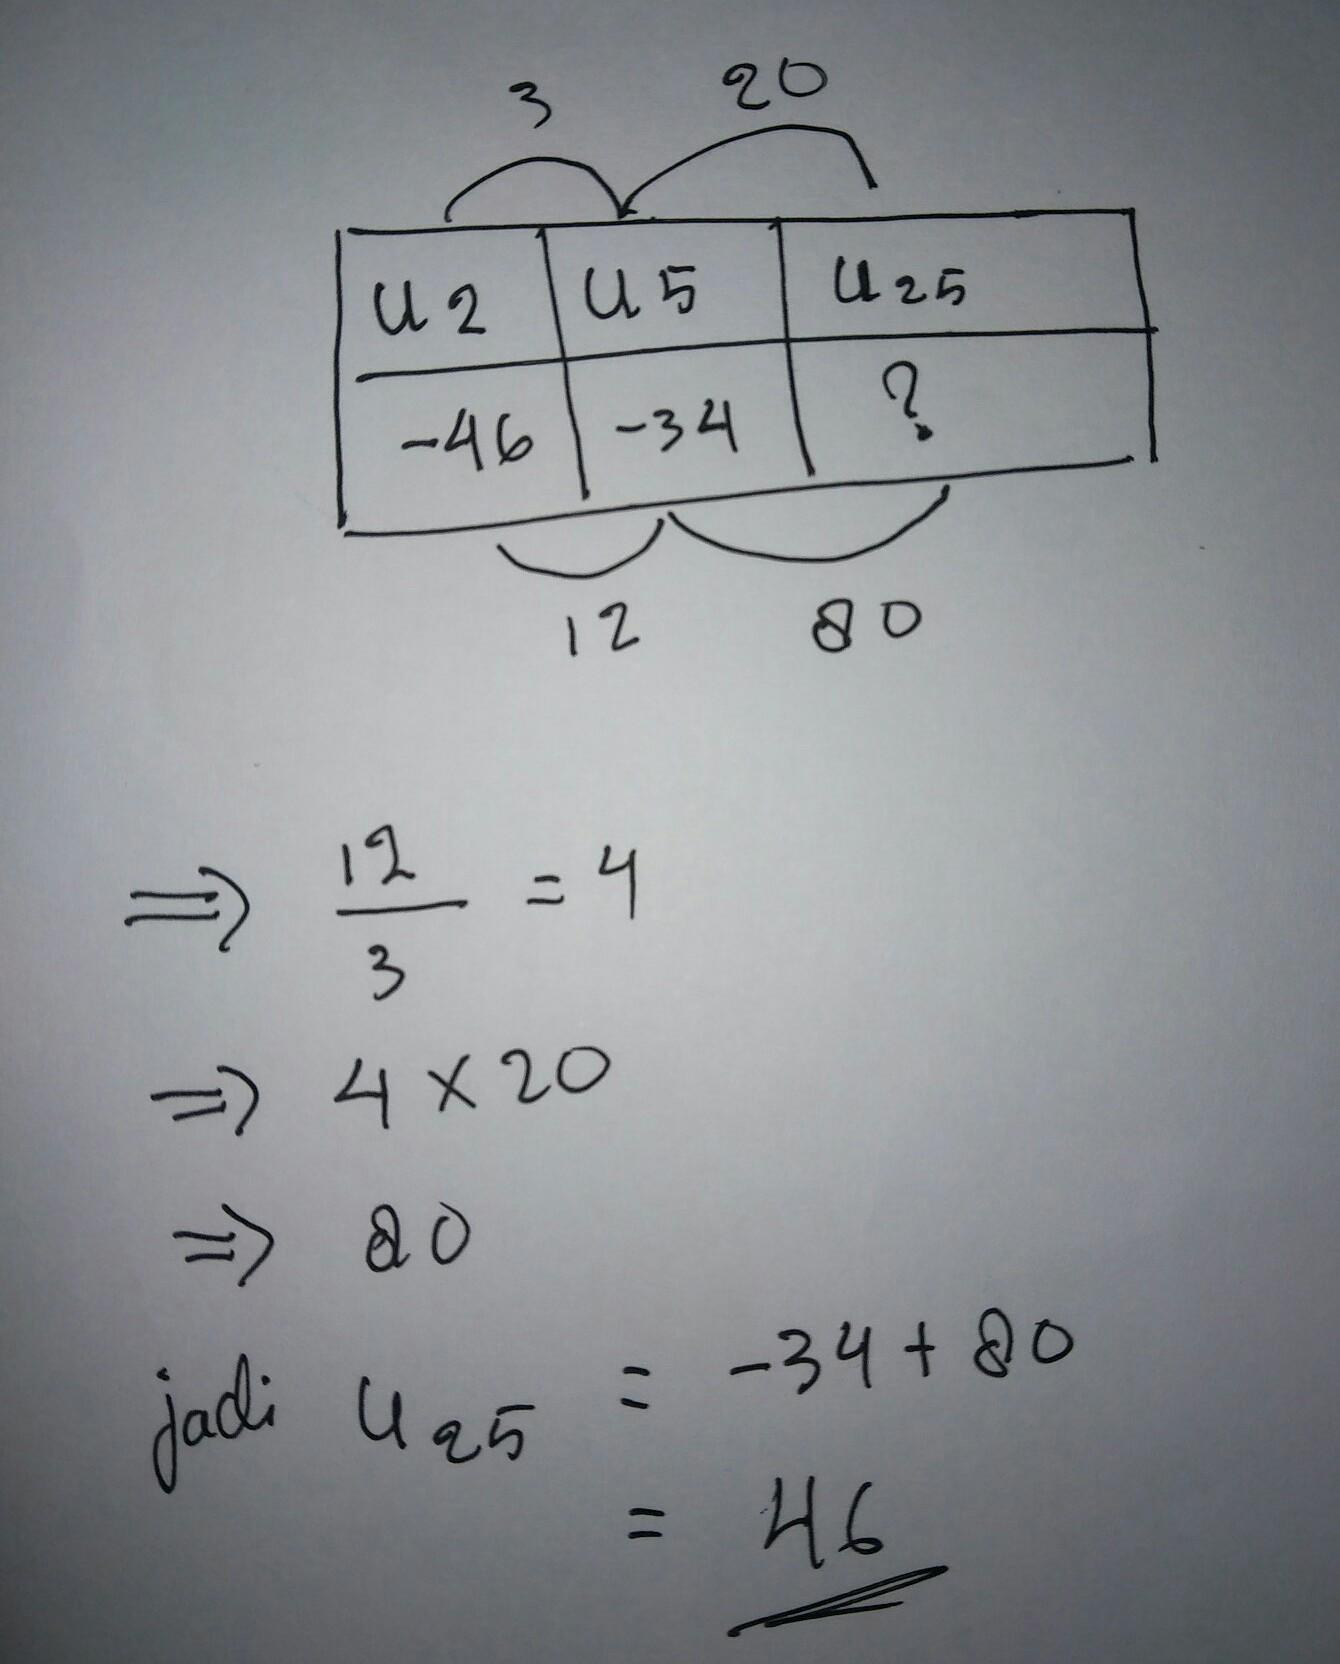 diketahui barisan aritmatika dengan suku ke 2 -46 dan suku ...